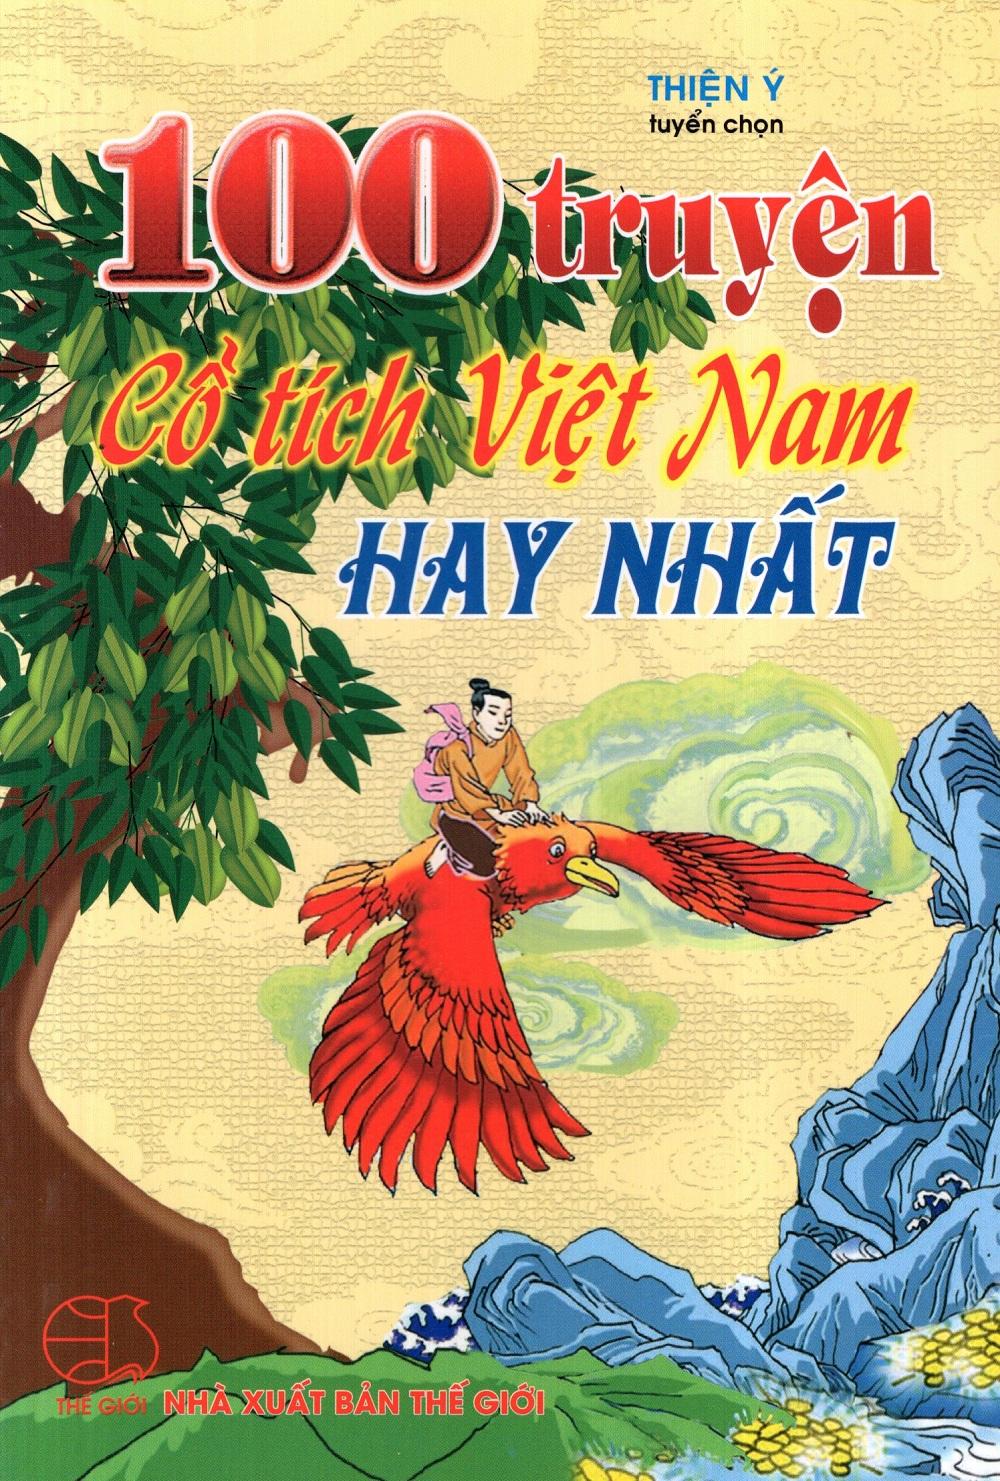 Khuyên đọc sách 100 Truyện Cổ Tích Việt Nam Hay Nhất